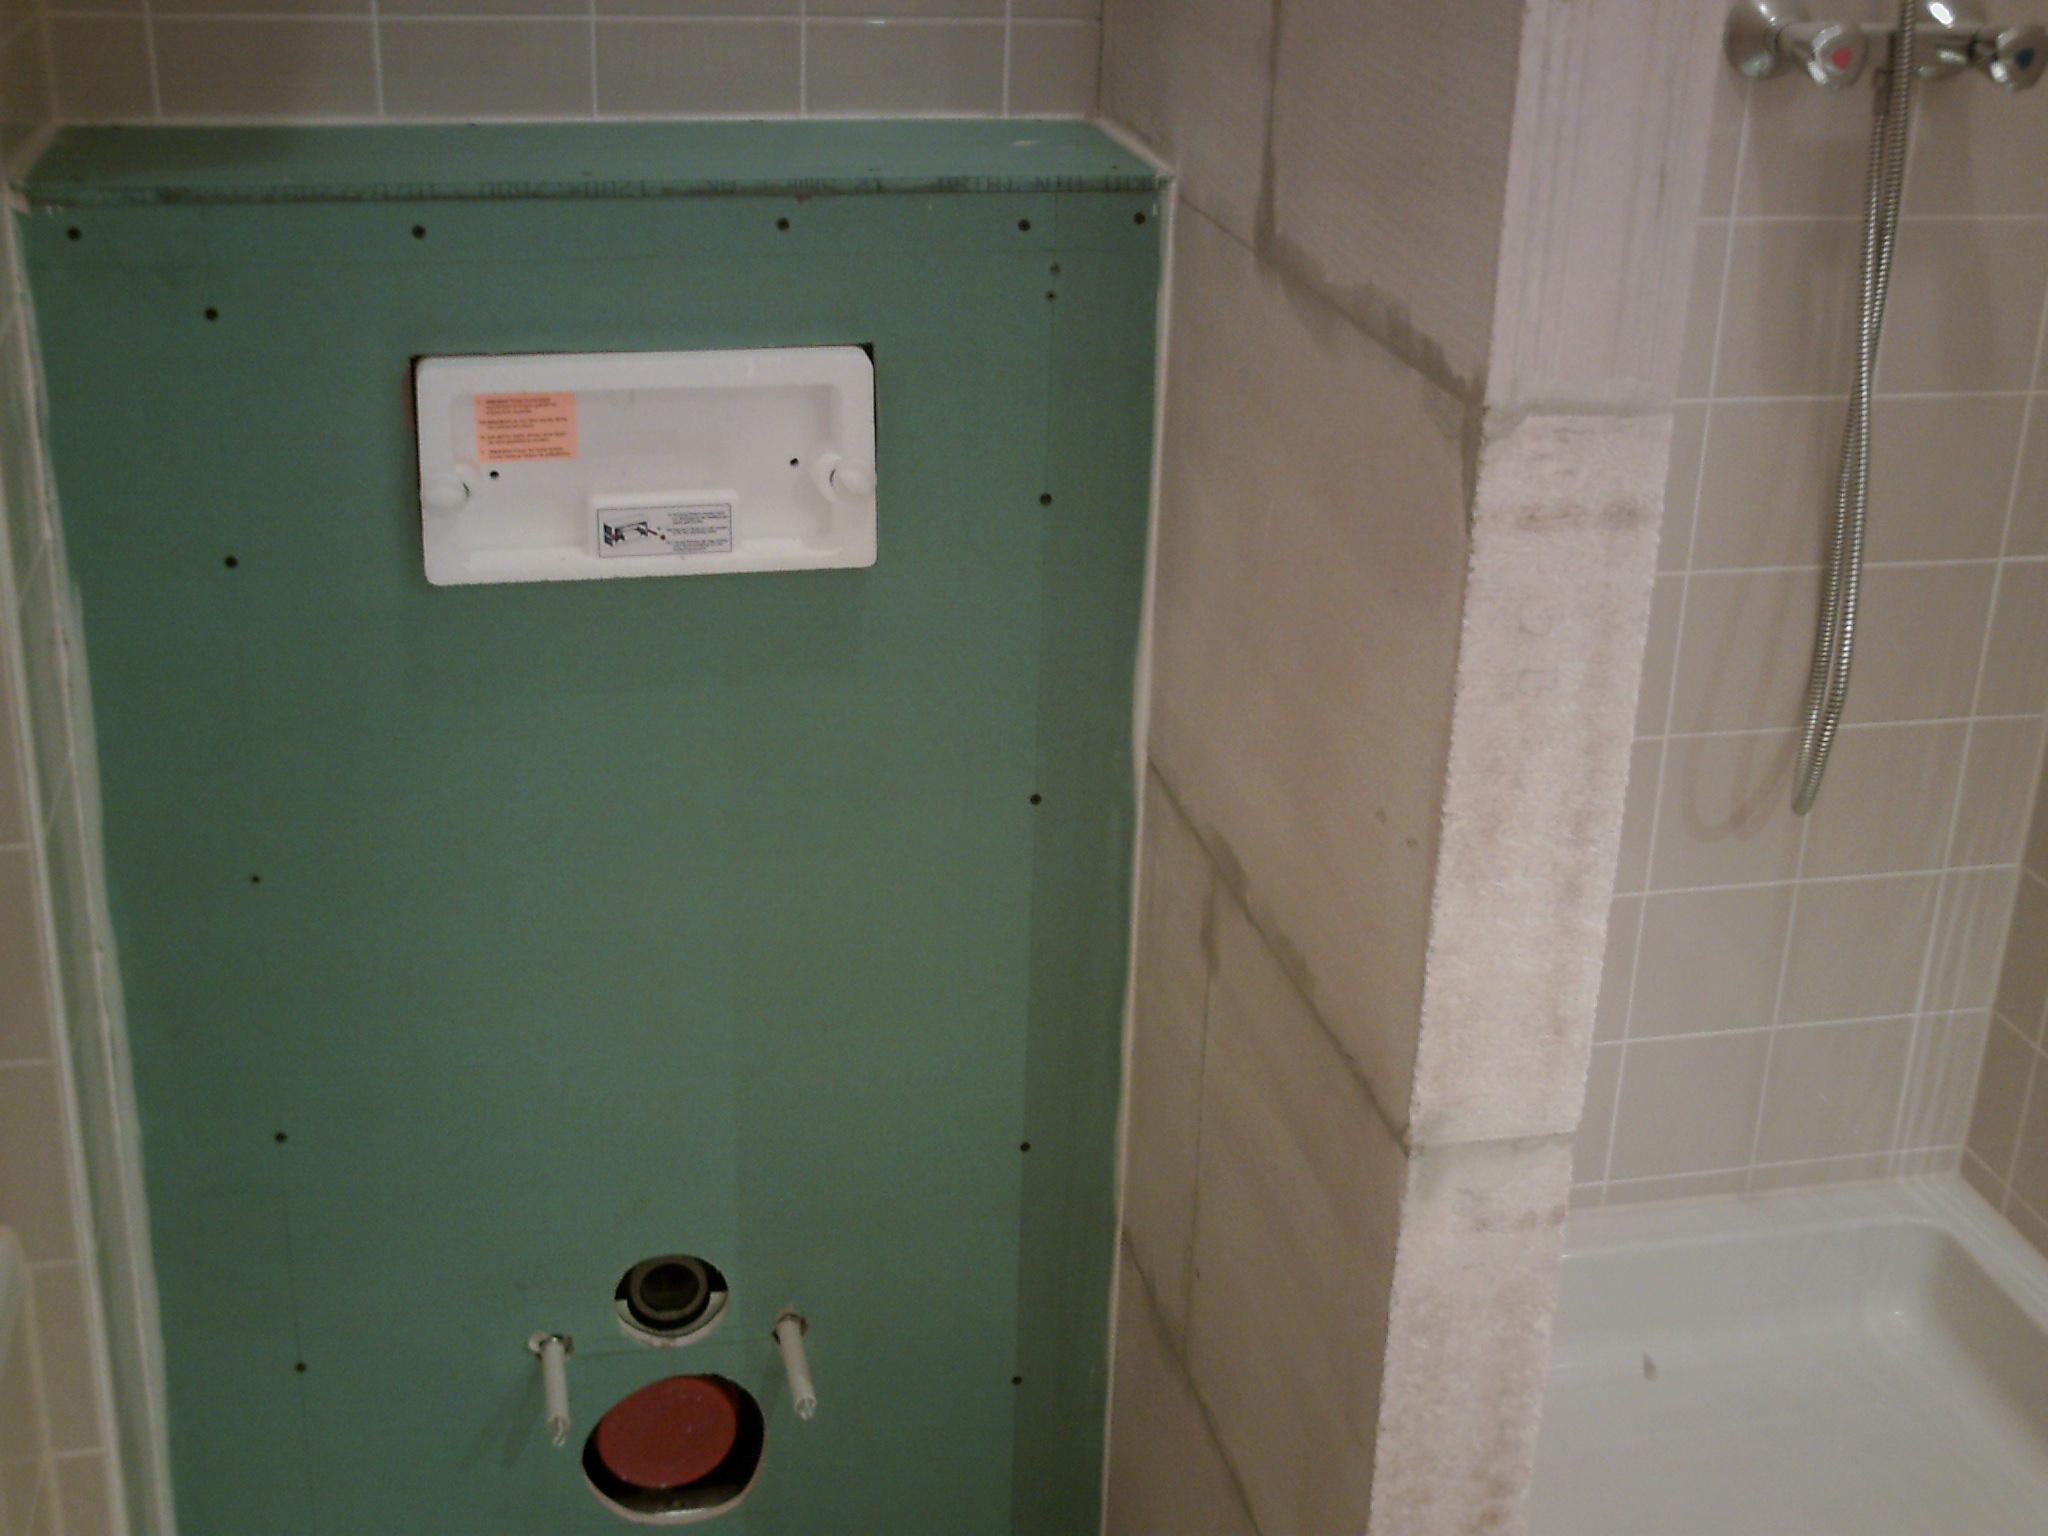 Inbouwreservoir en tegelwerk van toilet :